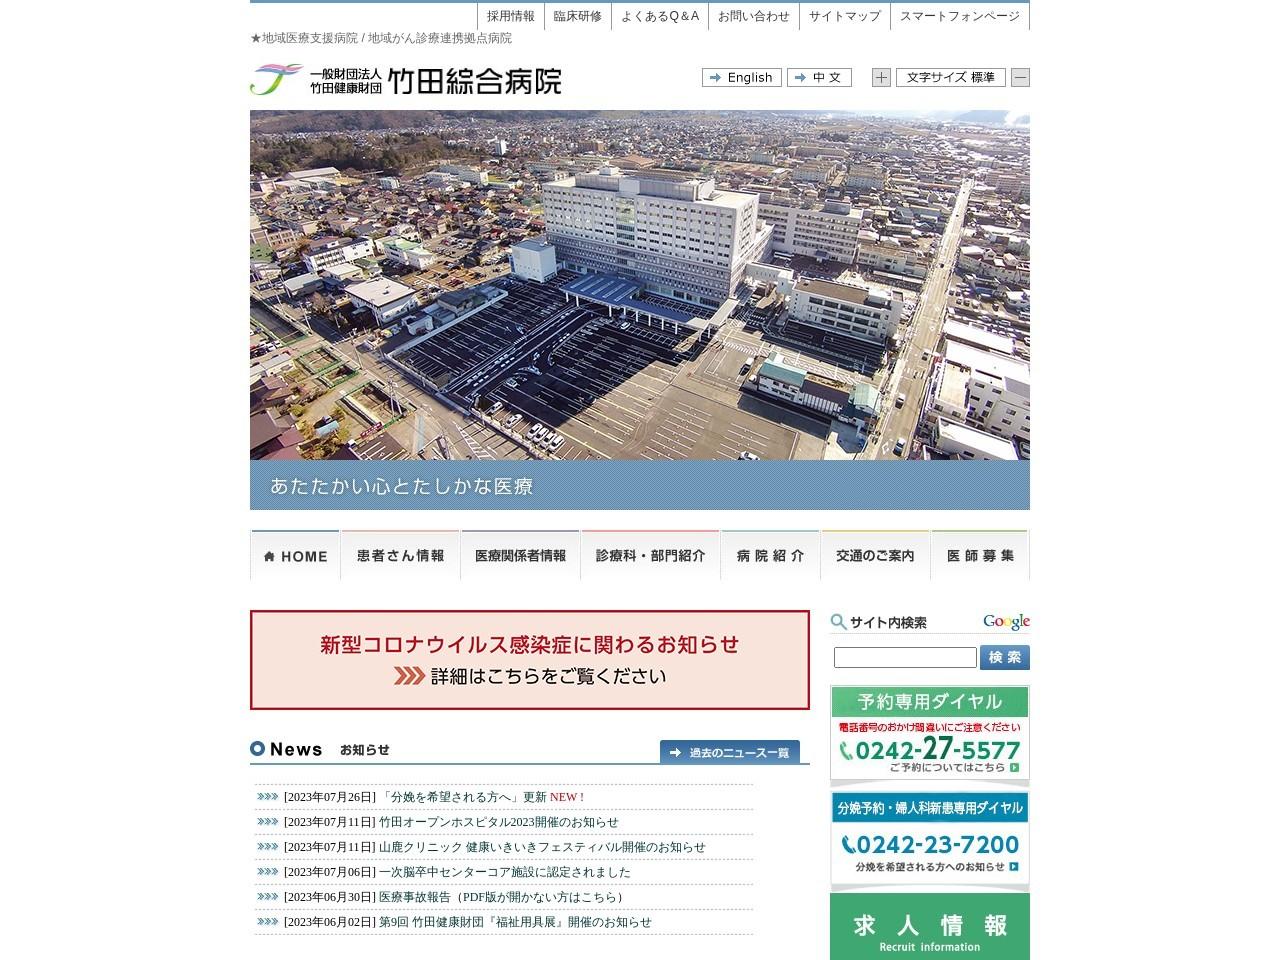 一般財団法人竹田健康財団  山鹿クリニック (福島県会津若松市)